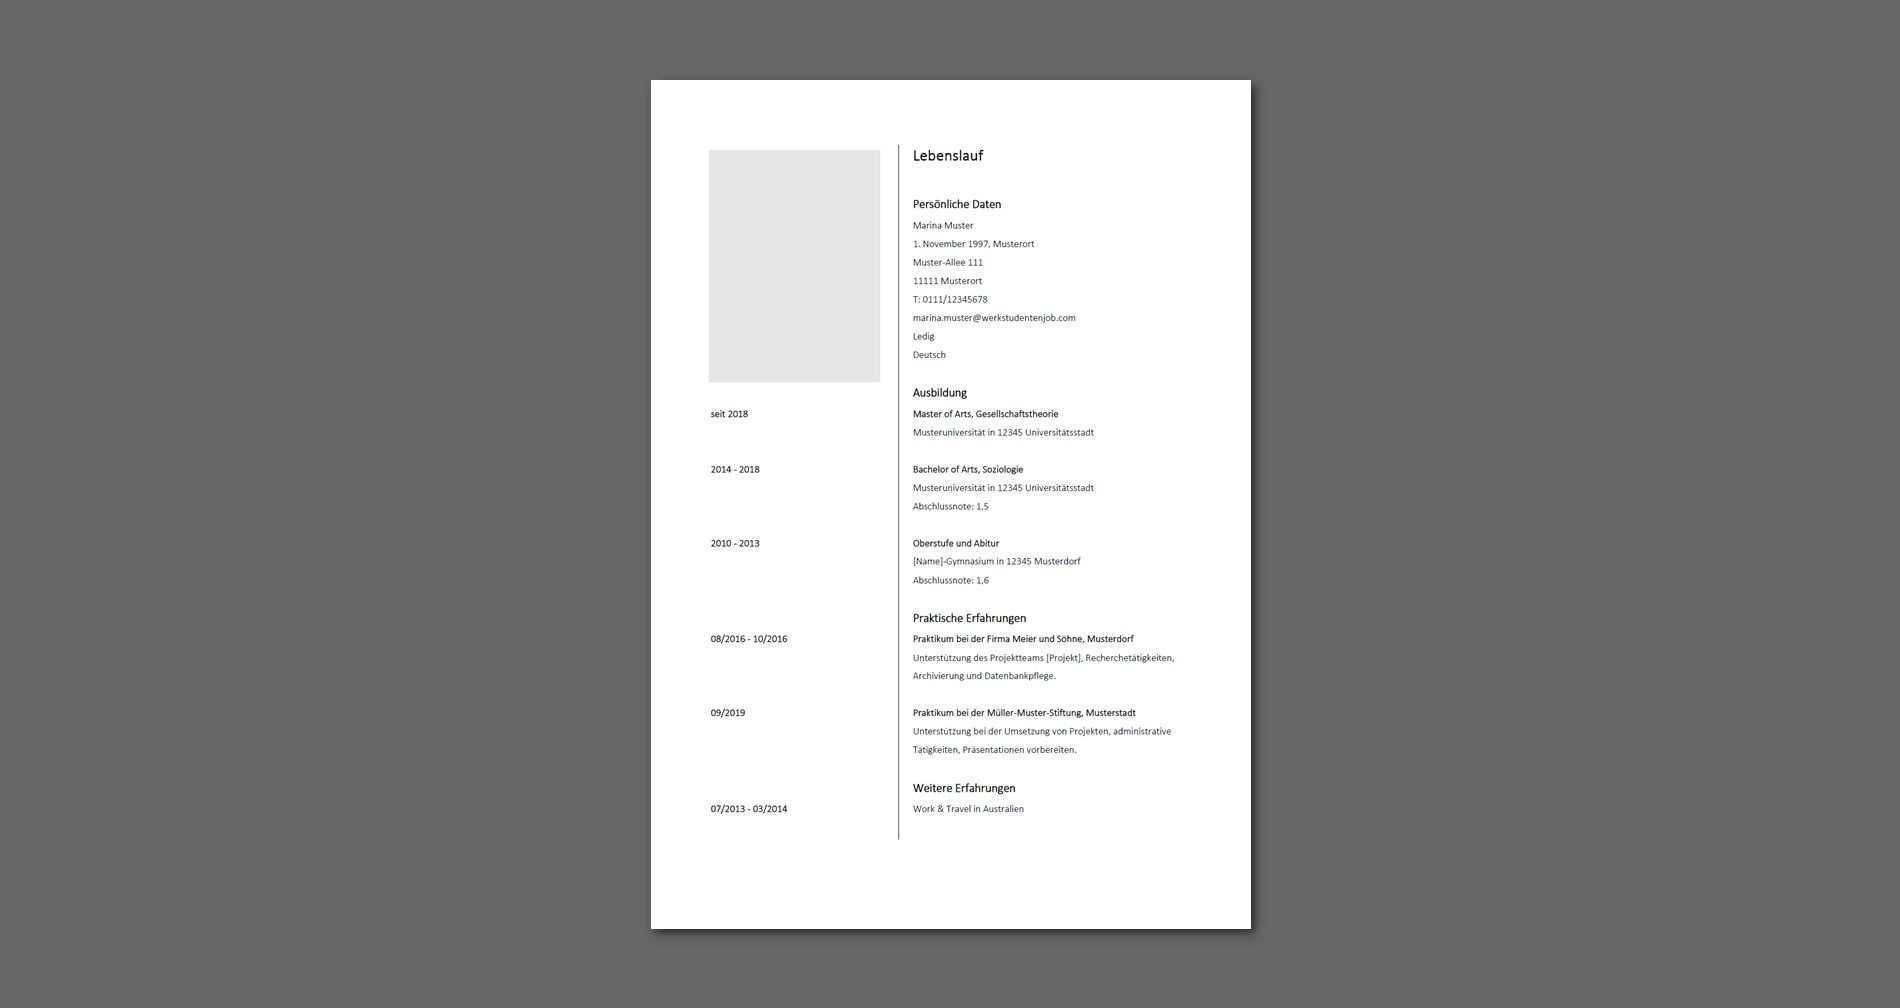 15 Einfacher Lebenslauf Vorlagen In 2020 Invitation Cards Bar Chart Invitations